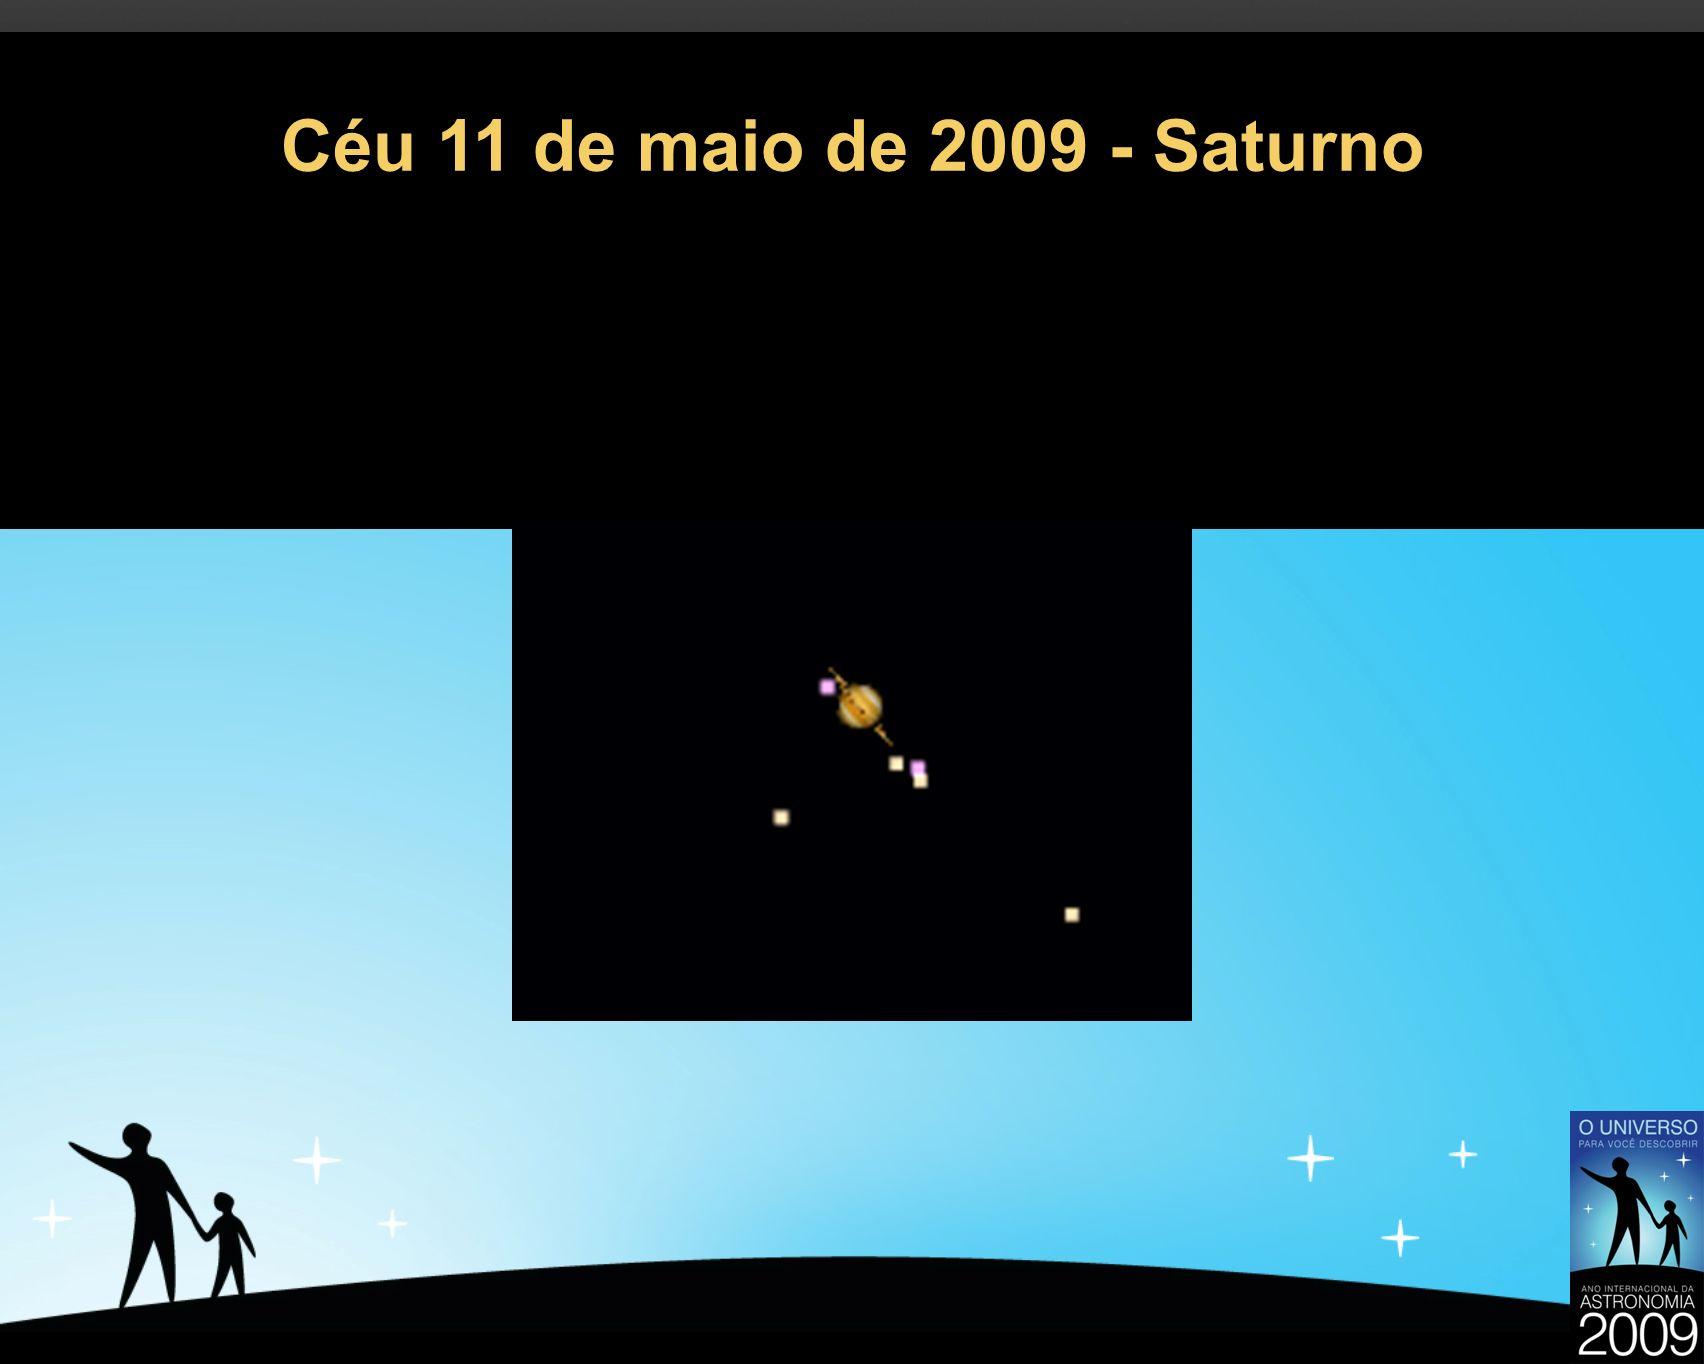 Céu 11 de maio de 2009 - Saturno 33